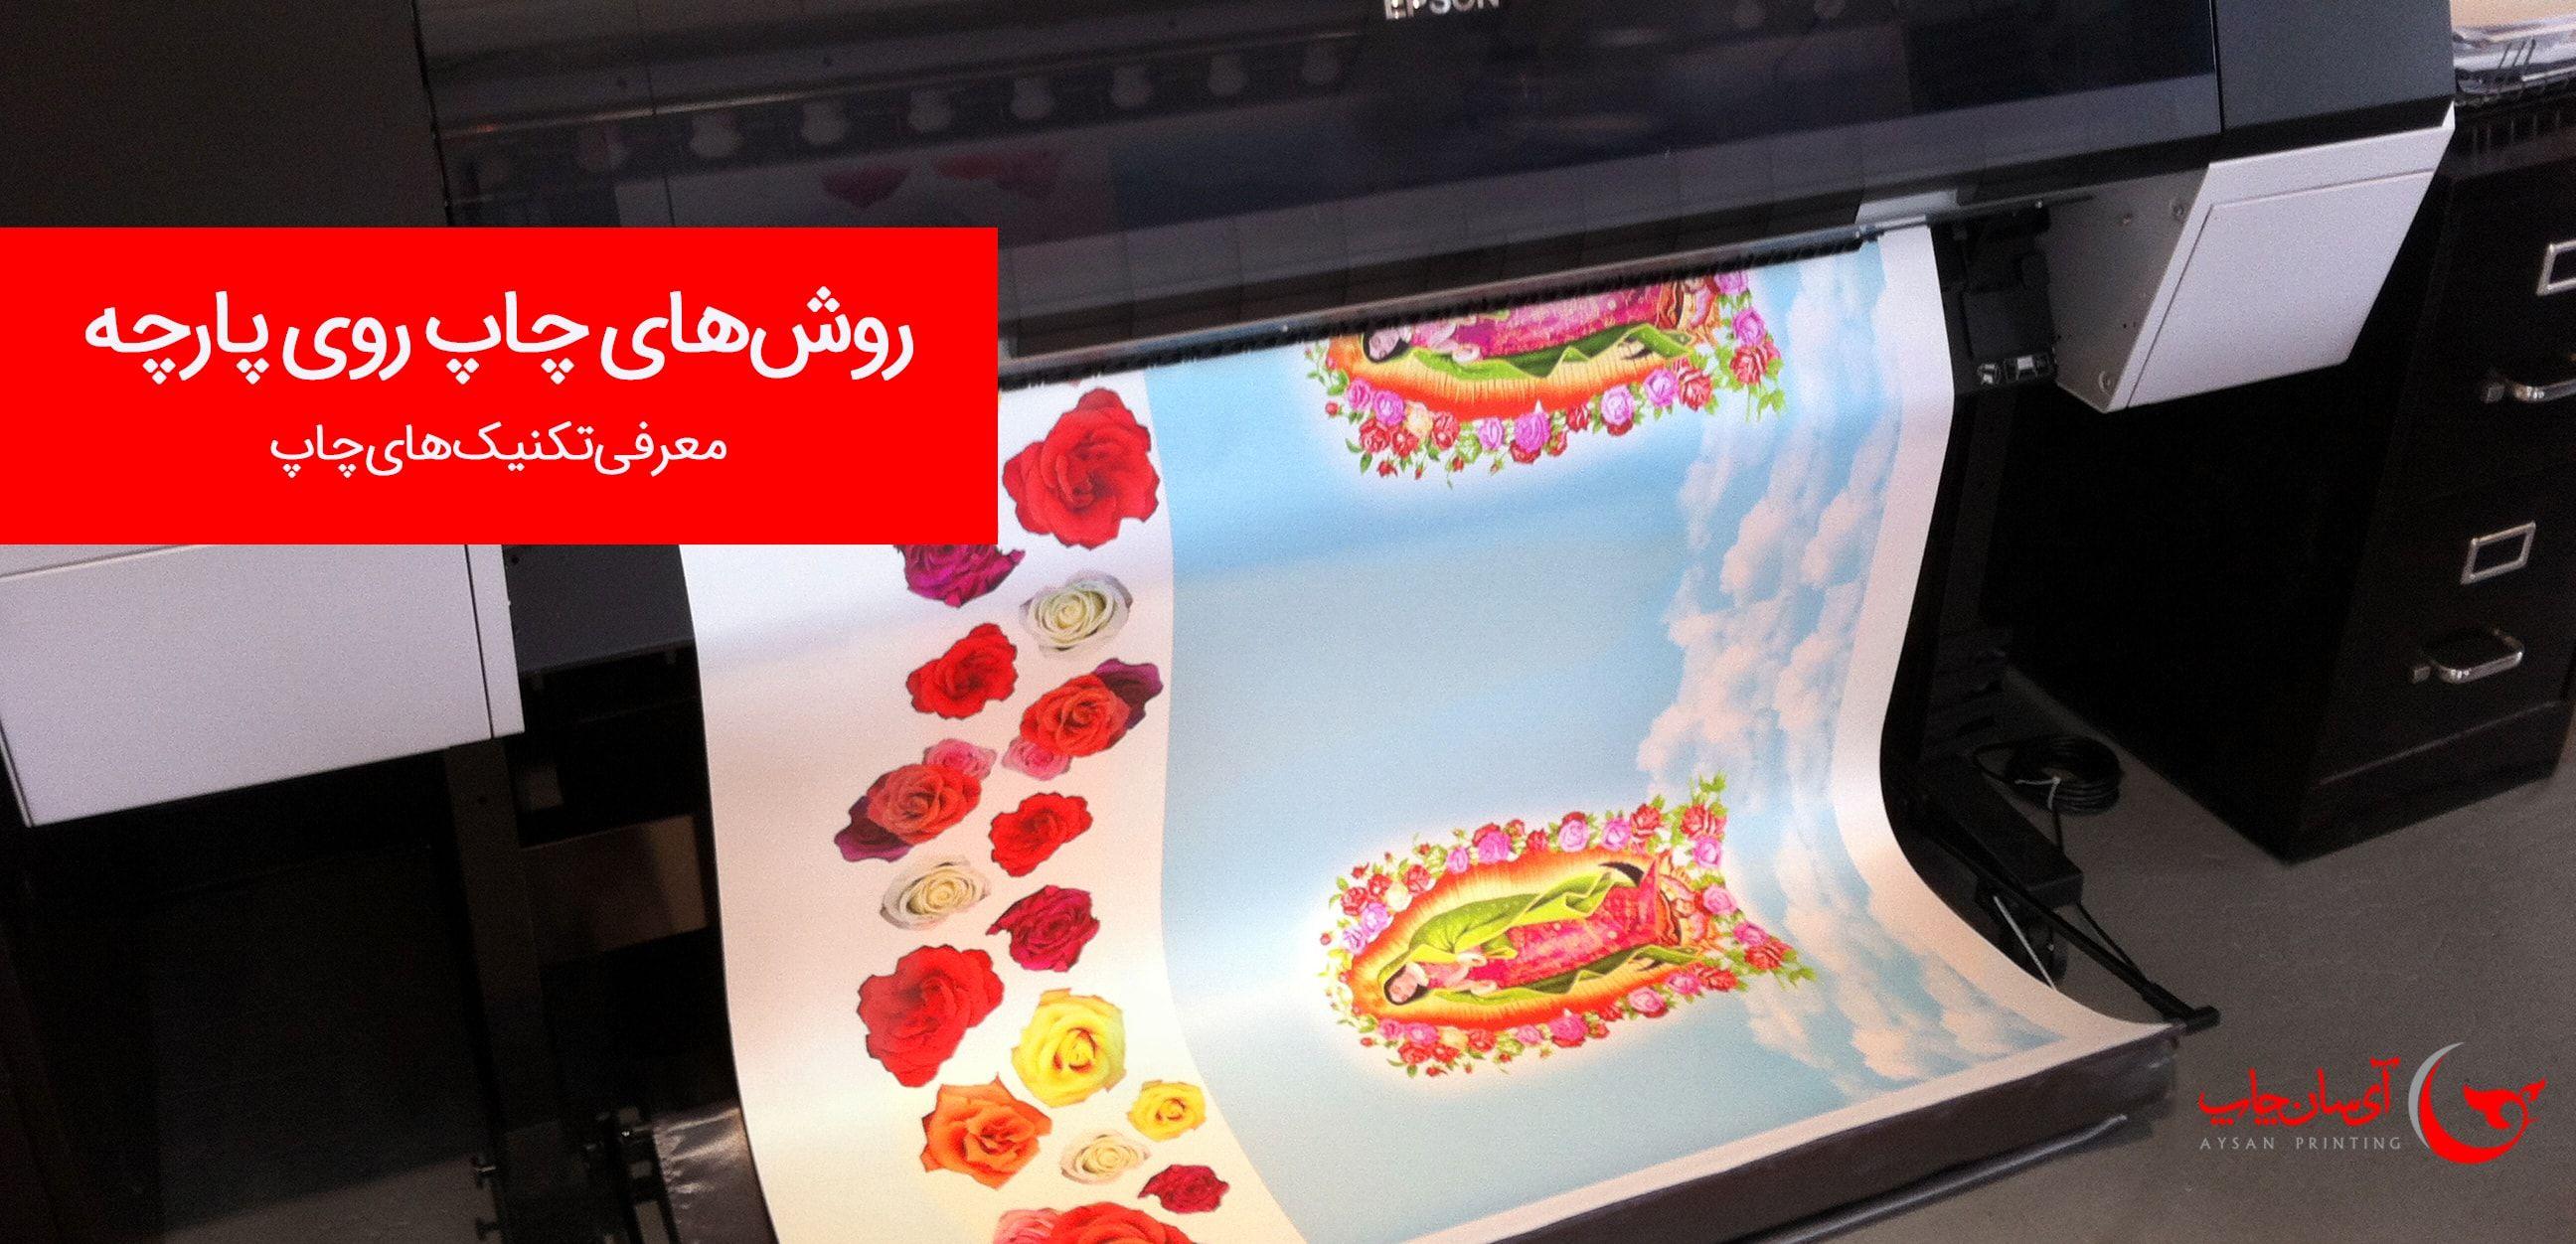 روش های چاپ روی پارچه